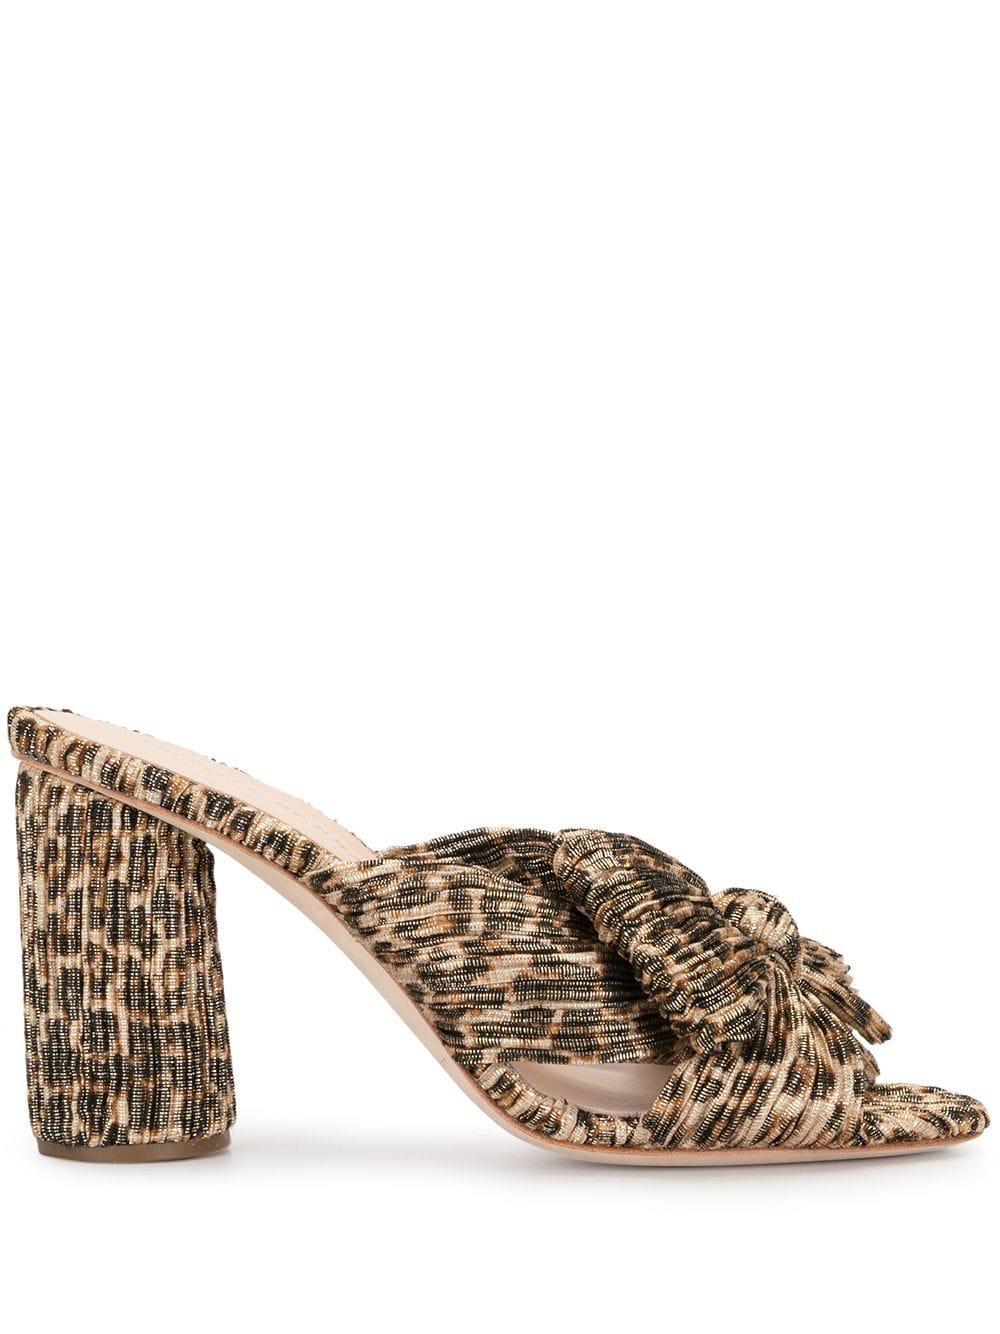 Penny Leopard Mule Item # PENNY-PLFM